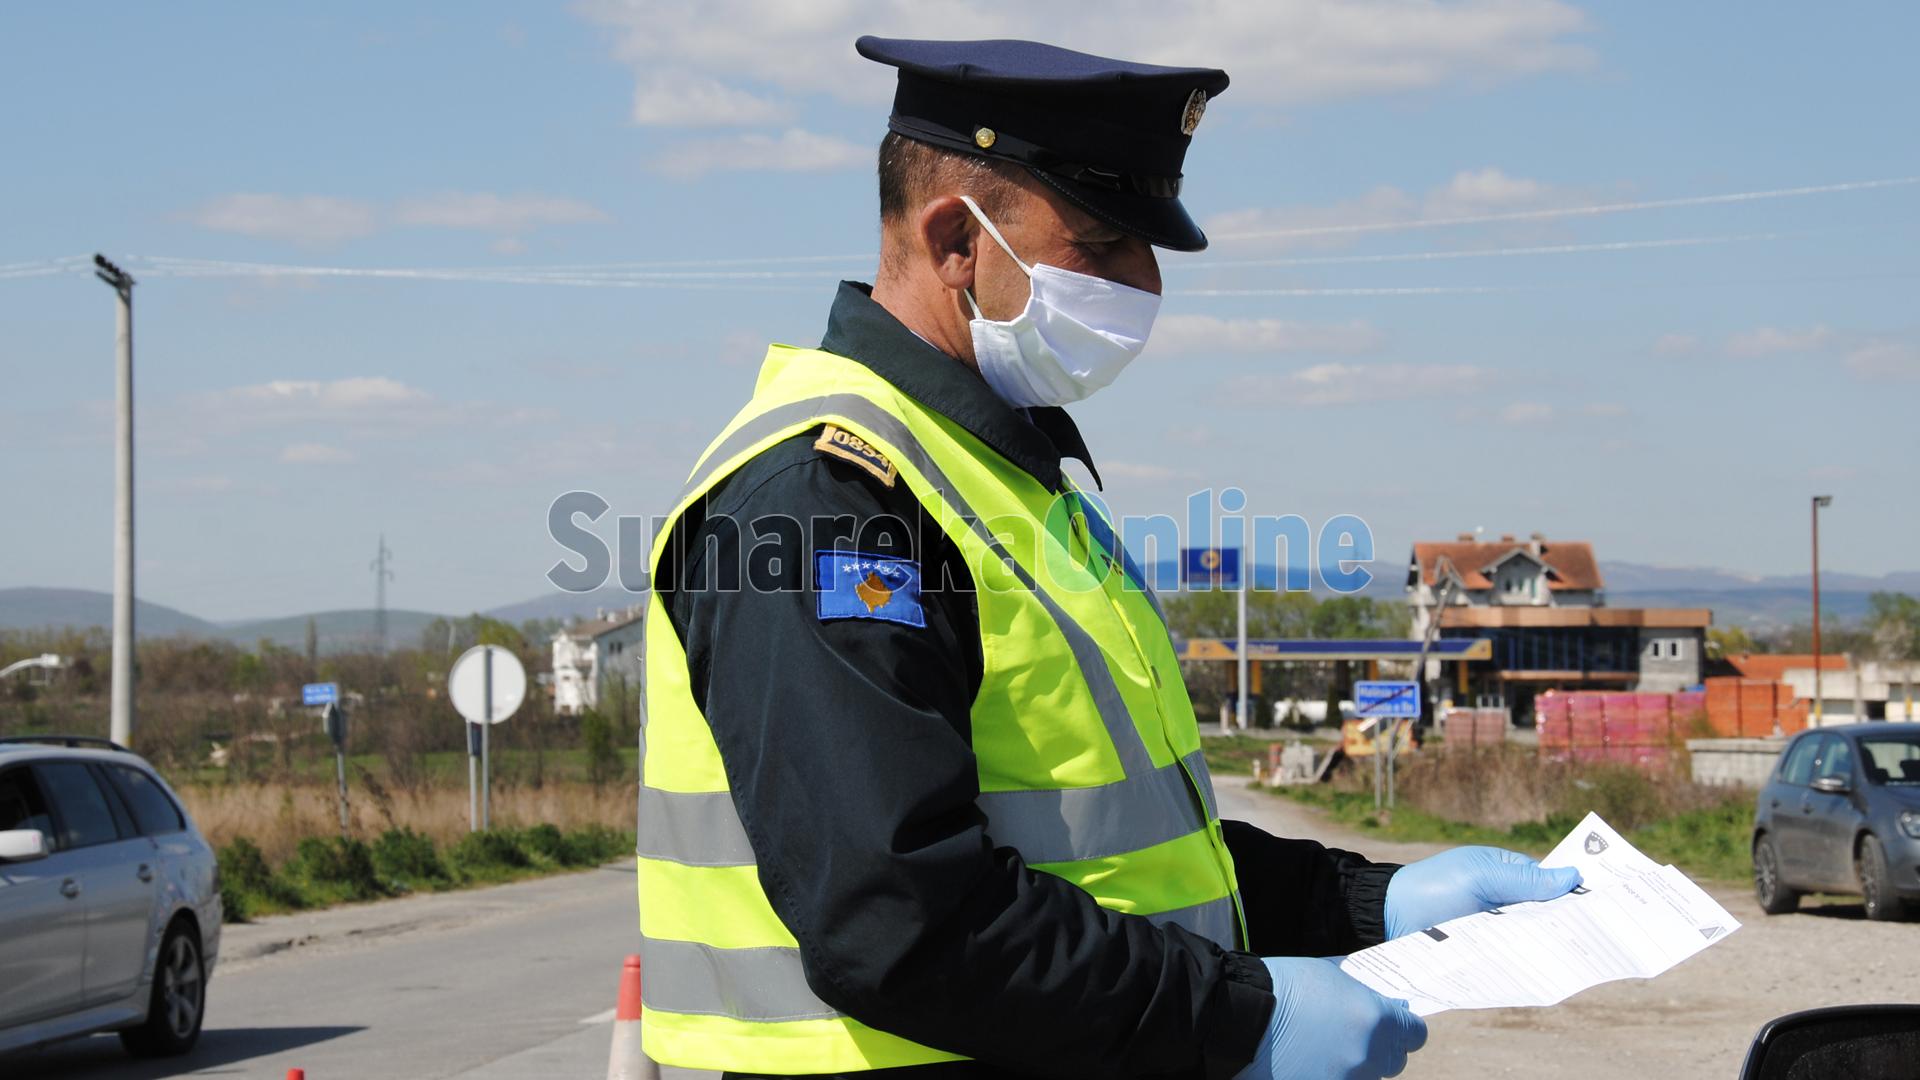 Brenda 24 ore – 30 aksidente, afër 1 mijë tiketa trafiku dhe 19 të arrestuar